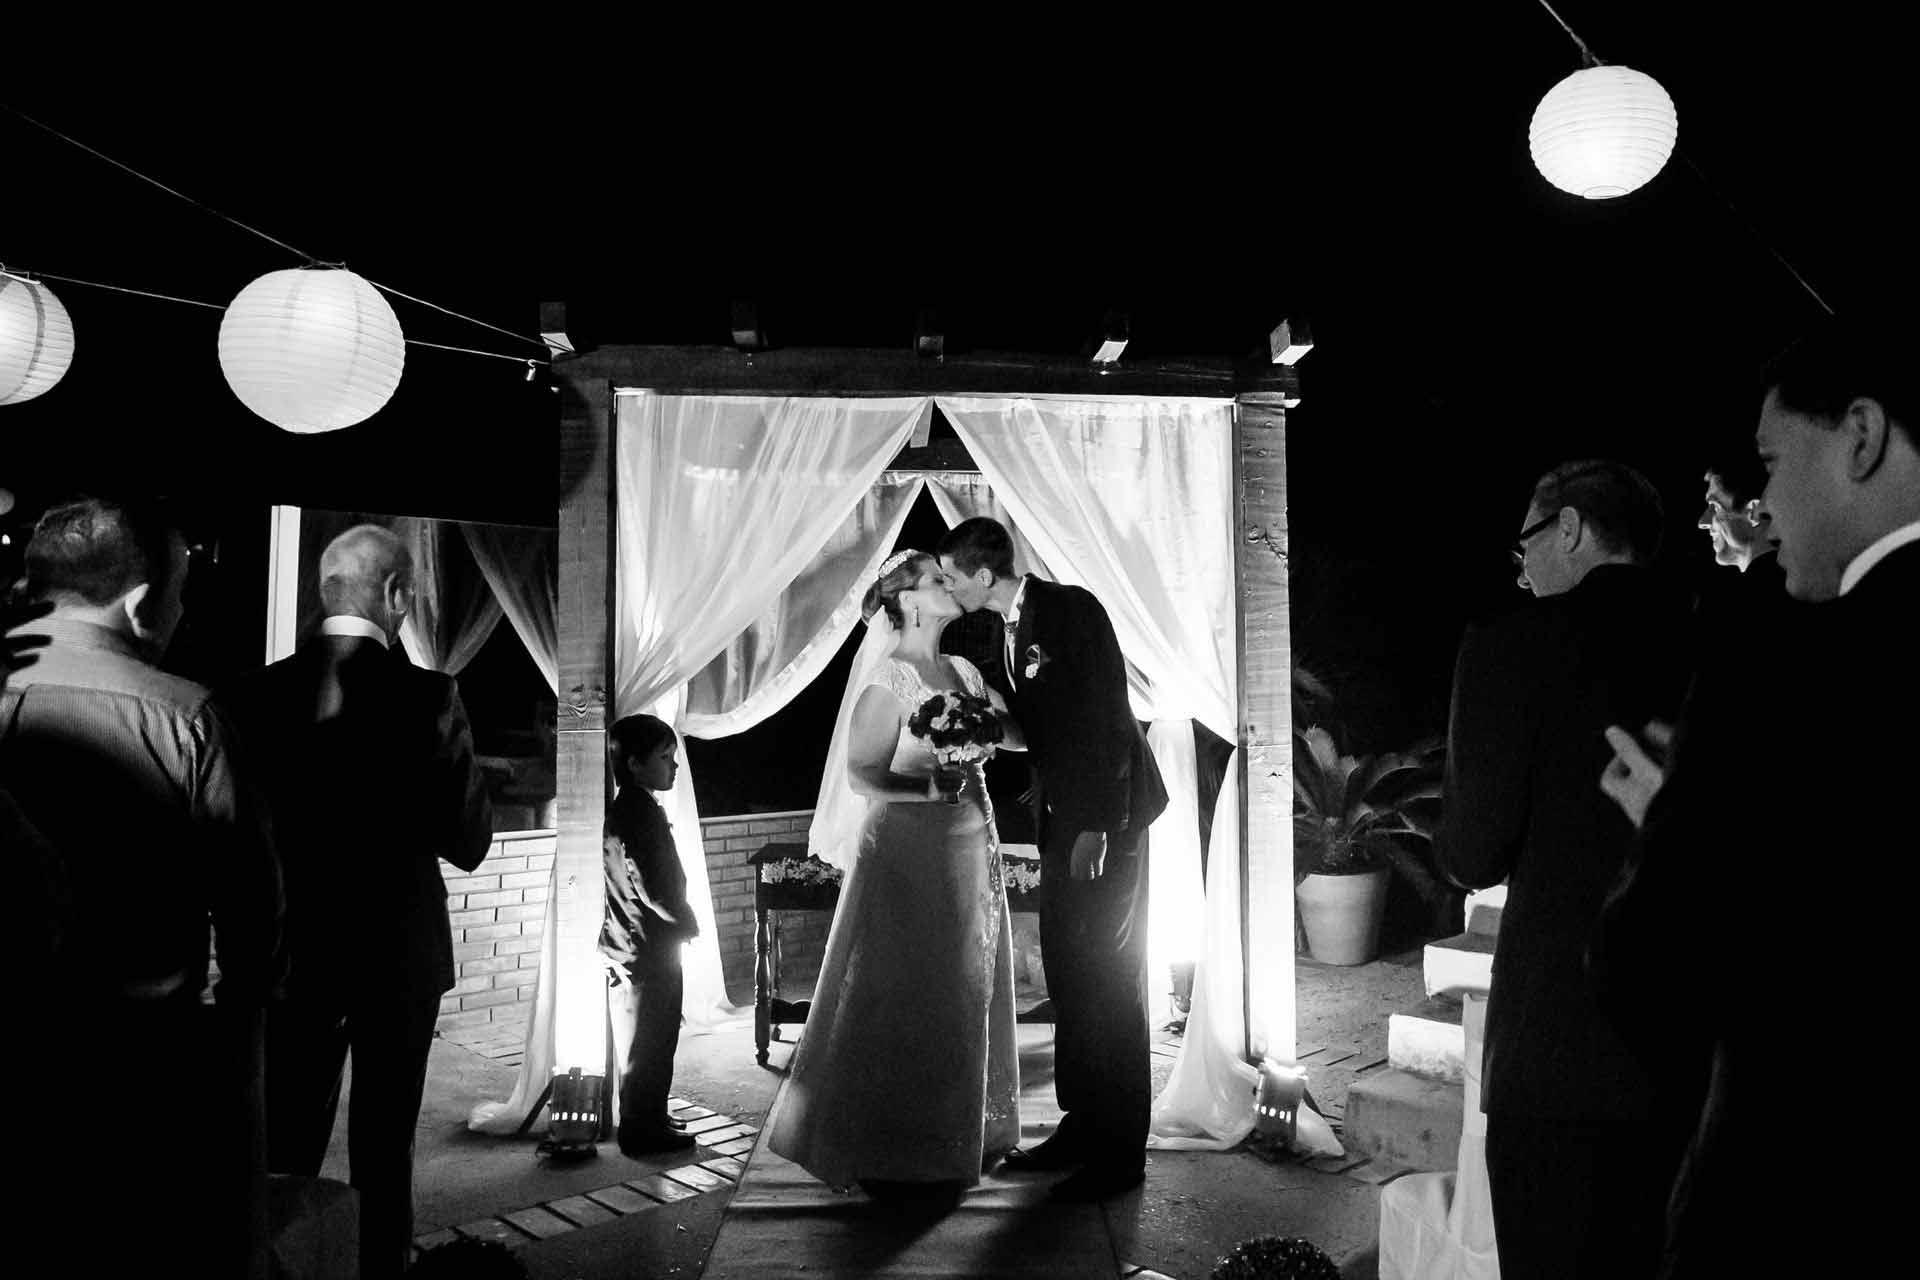 Festa Cerimonia Casamento noturno